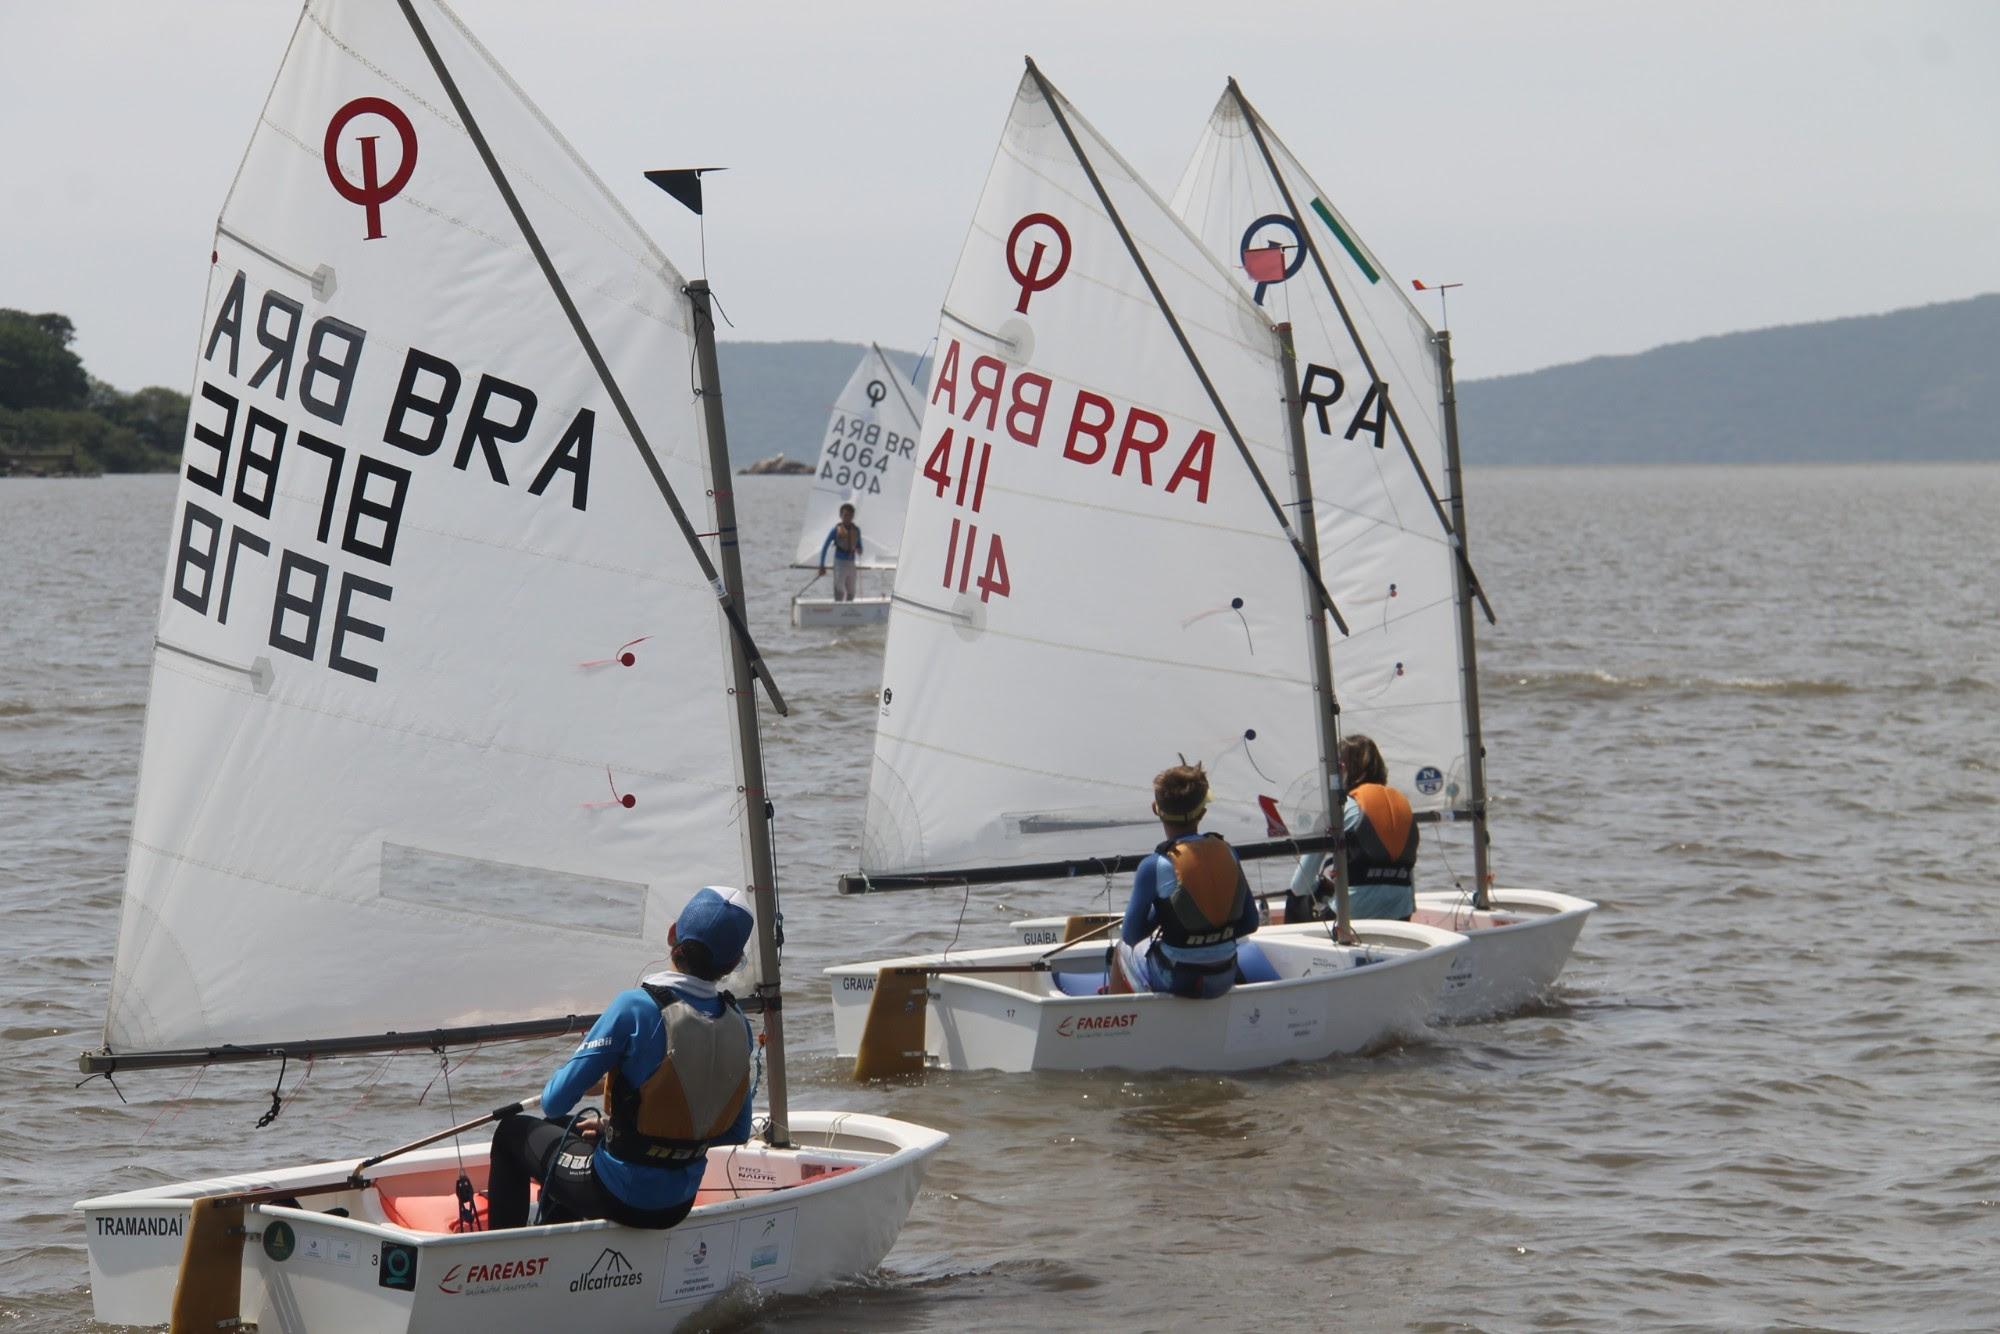 Flotilha da Jangada passa a ter nova divisão entre os atletas veteranos